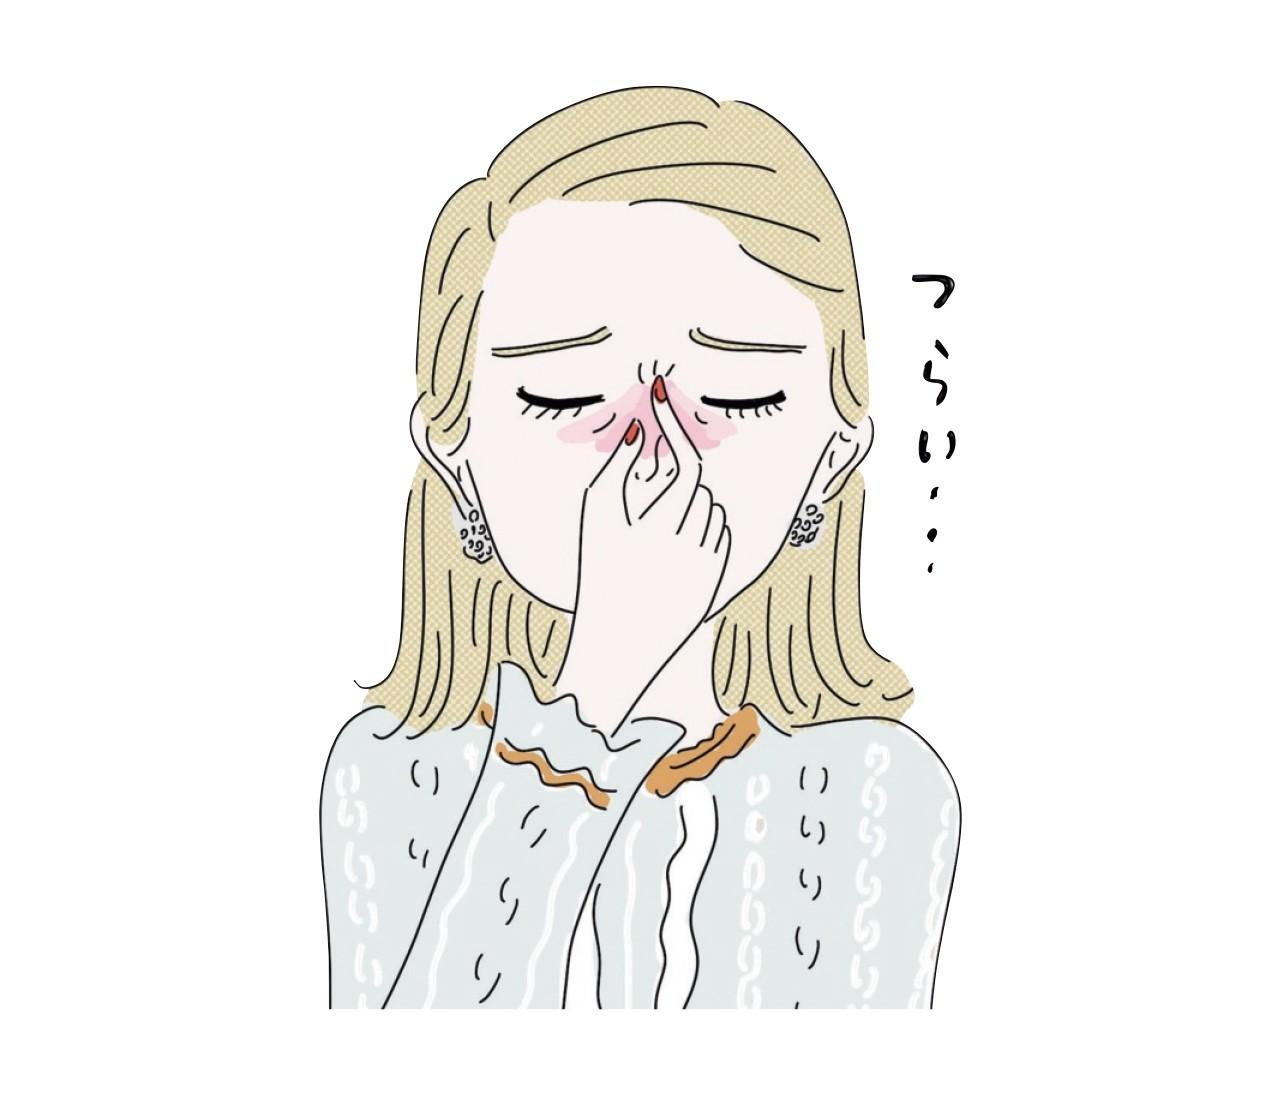 【目】のお悩みに専門医が回答!ドライアイや疲れ目の原因や改善法って?